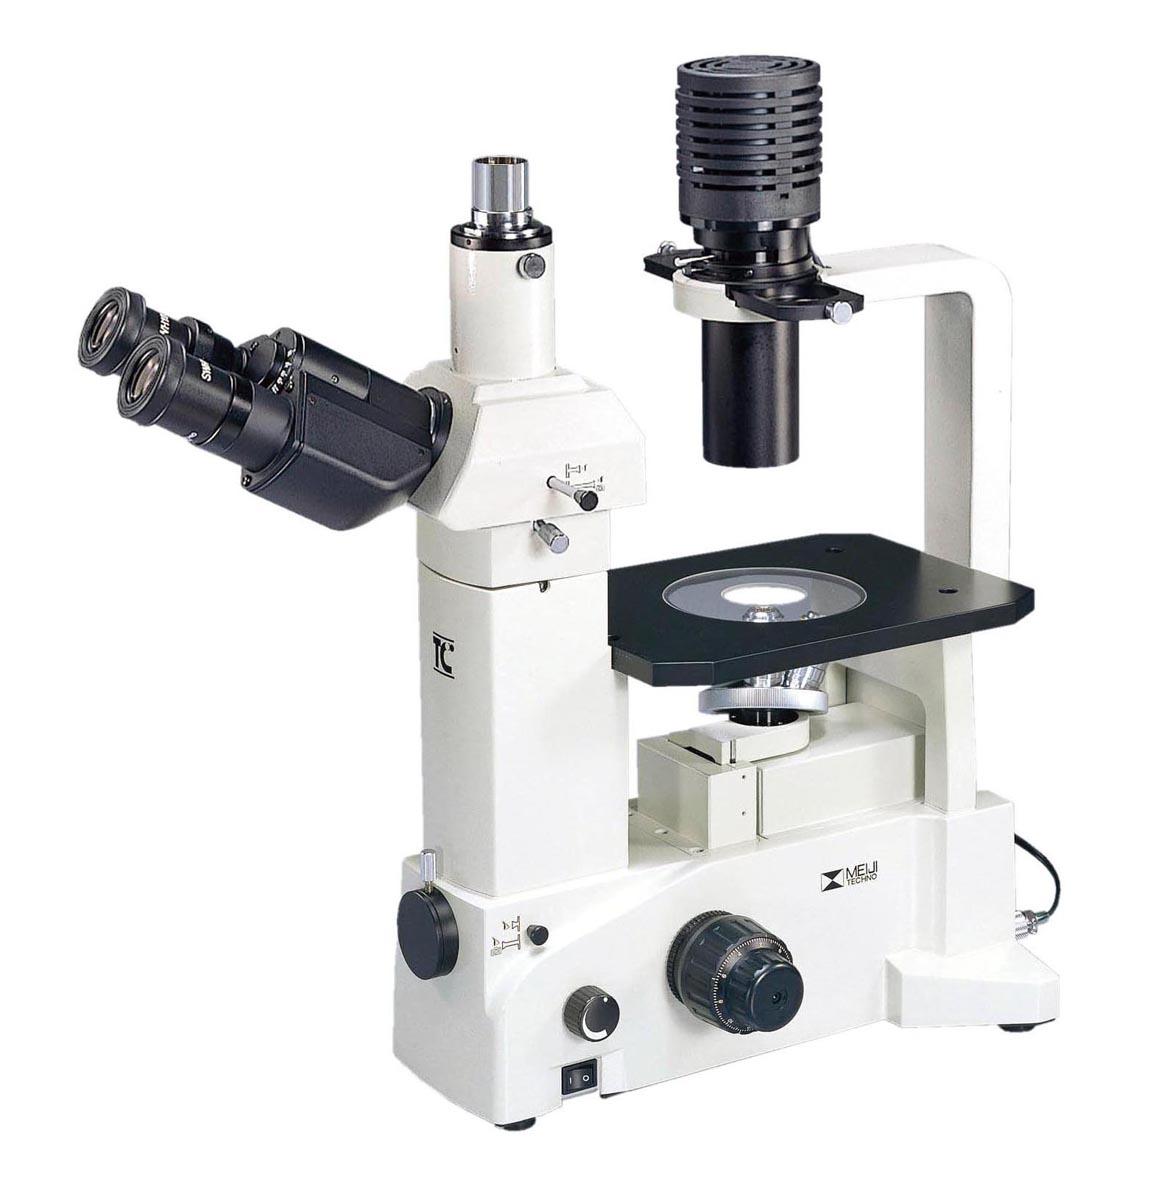 メイジテクノ メイジテクノ倒立培養顕微鏡 TC5100